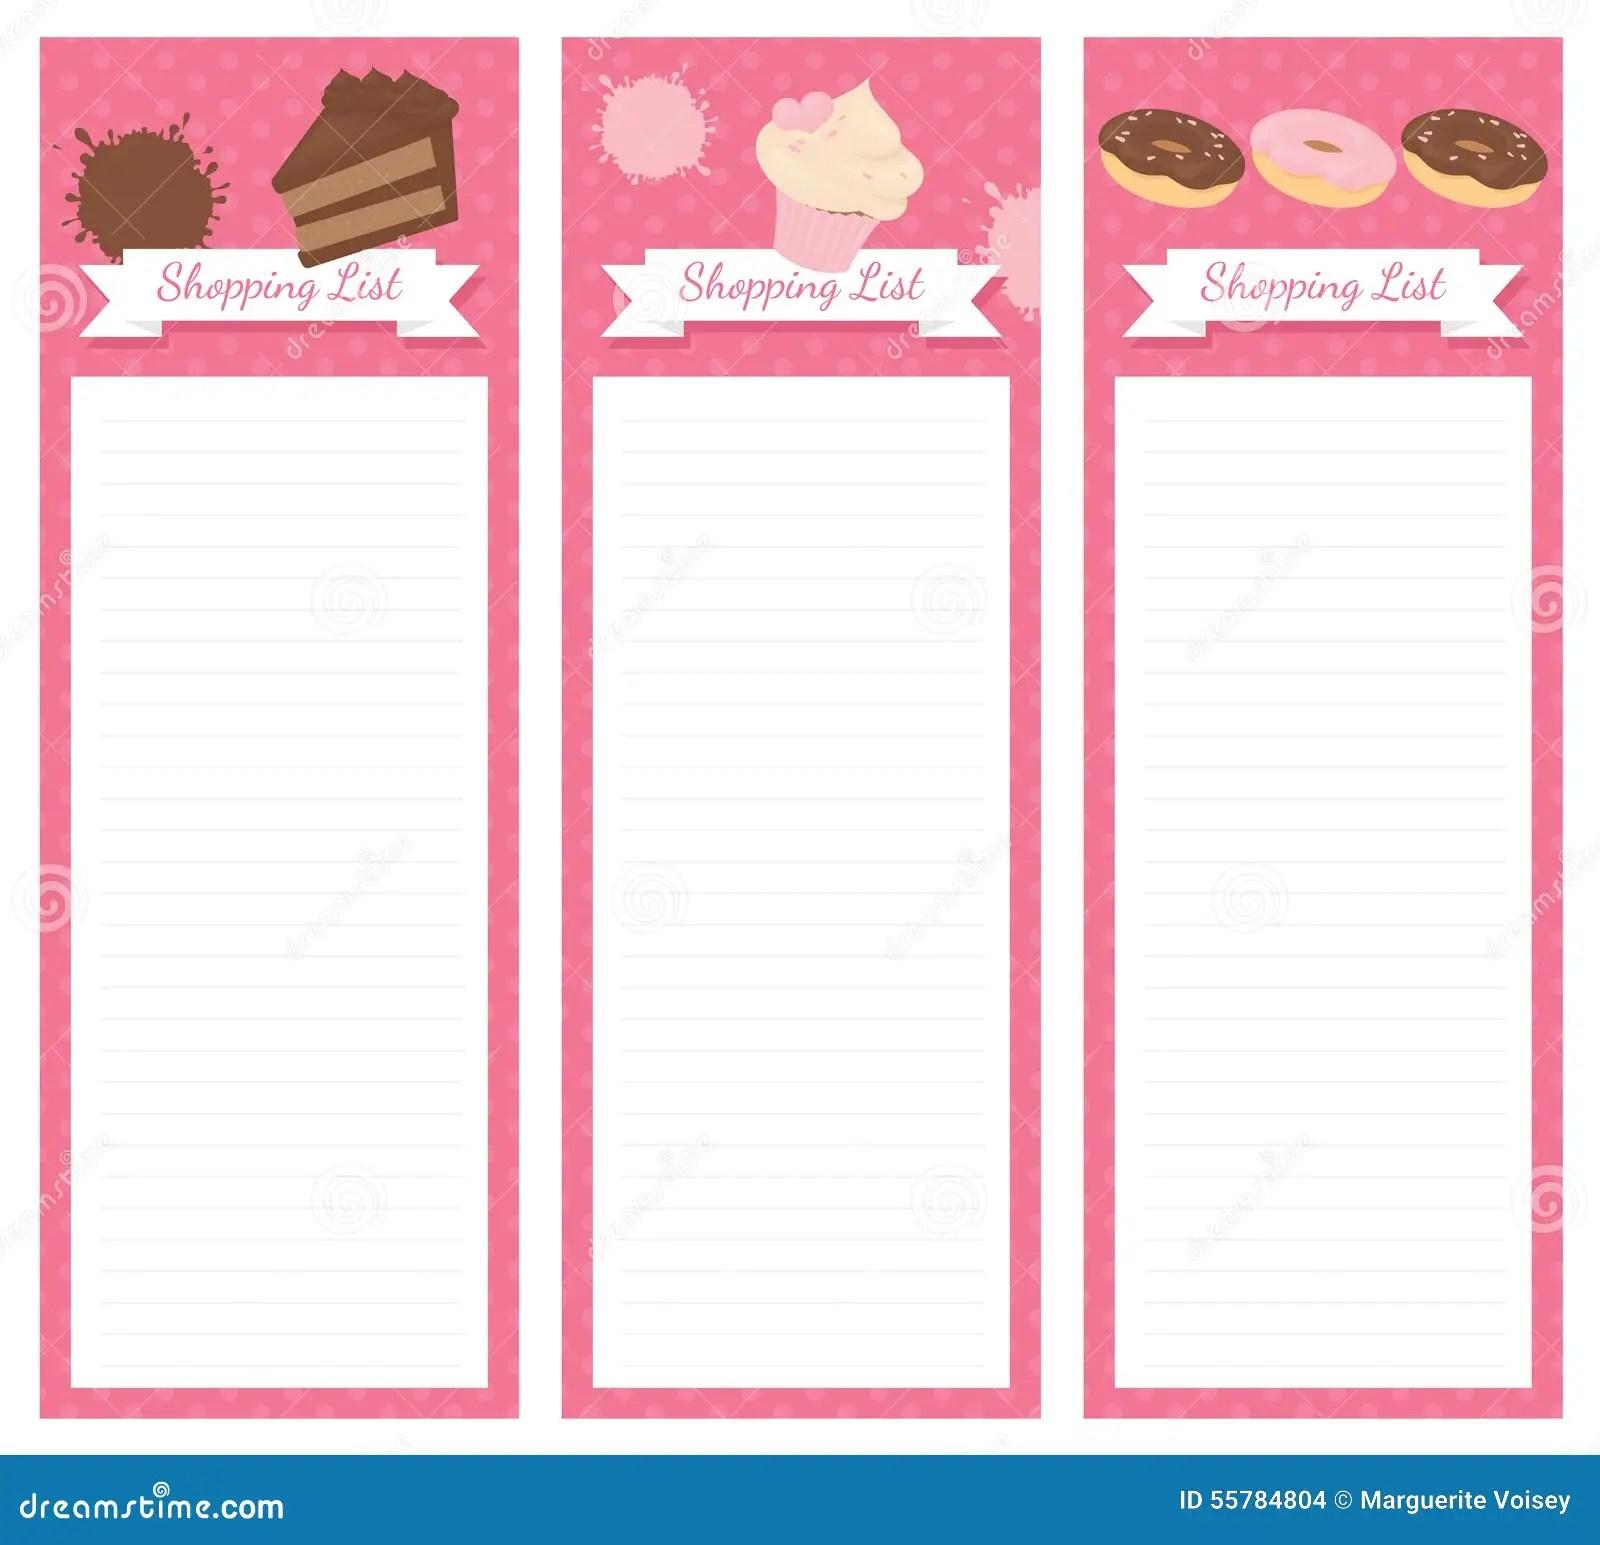 Shopping List Design Cake Stock Illustration Illustration